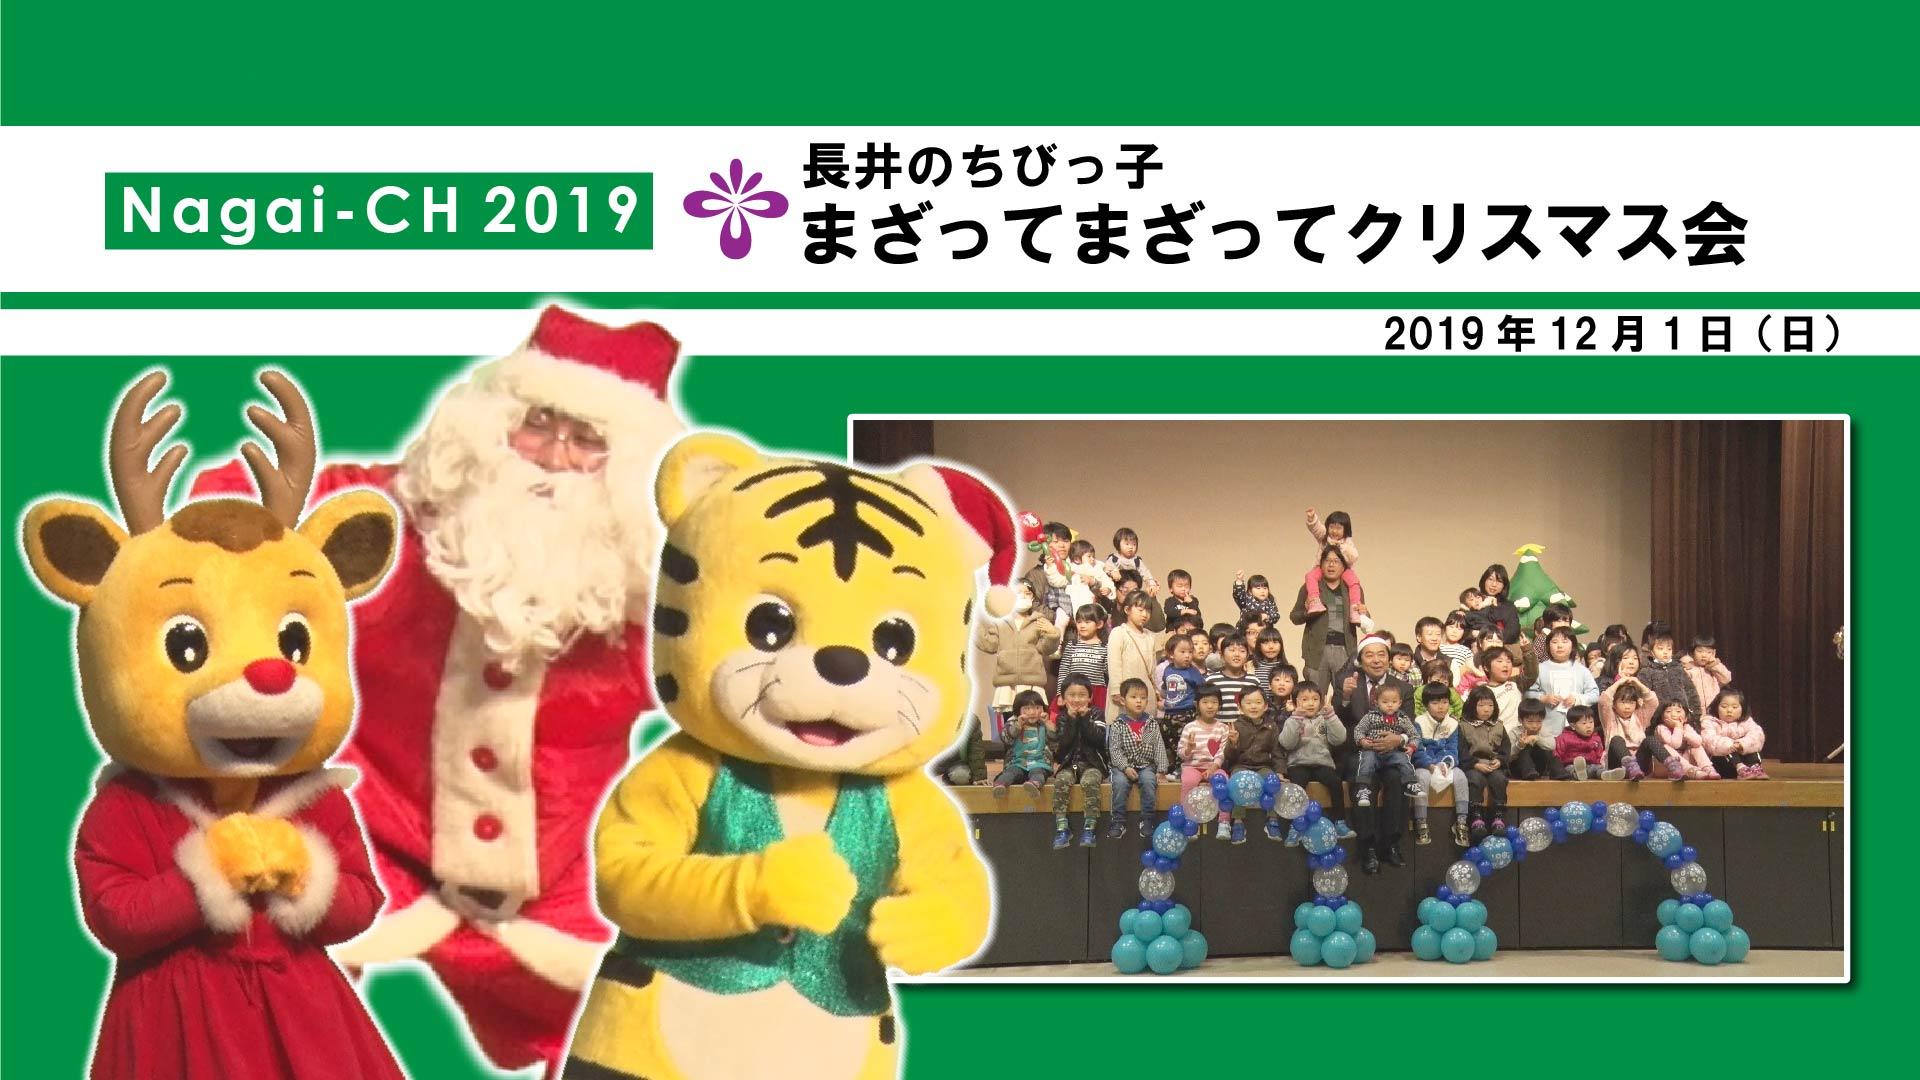 【長井市】長井のちびっ子まざってまざってクリスマス会(令和元年12月1日)